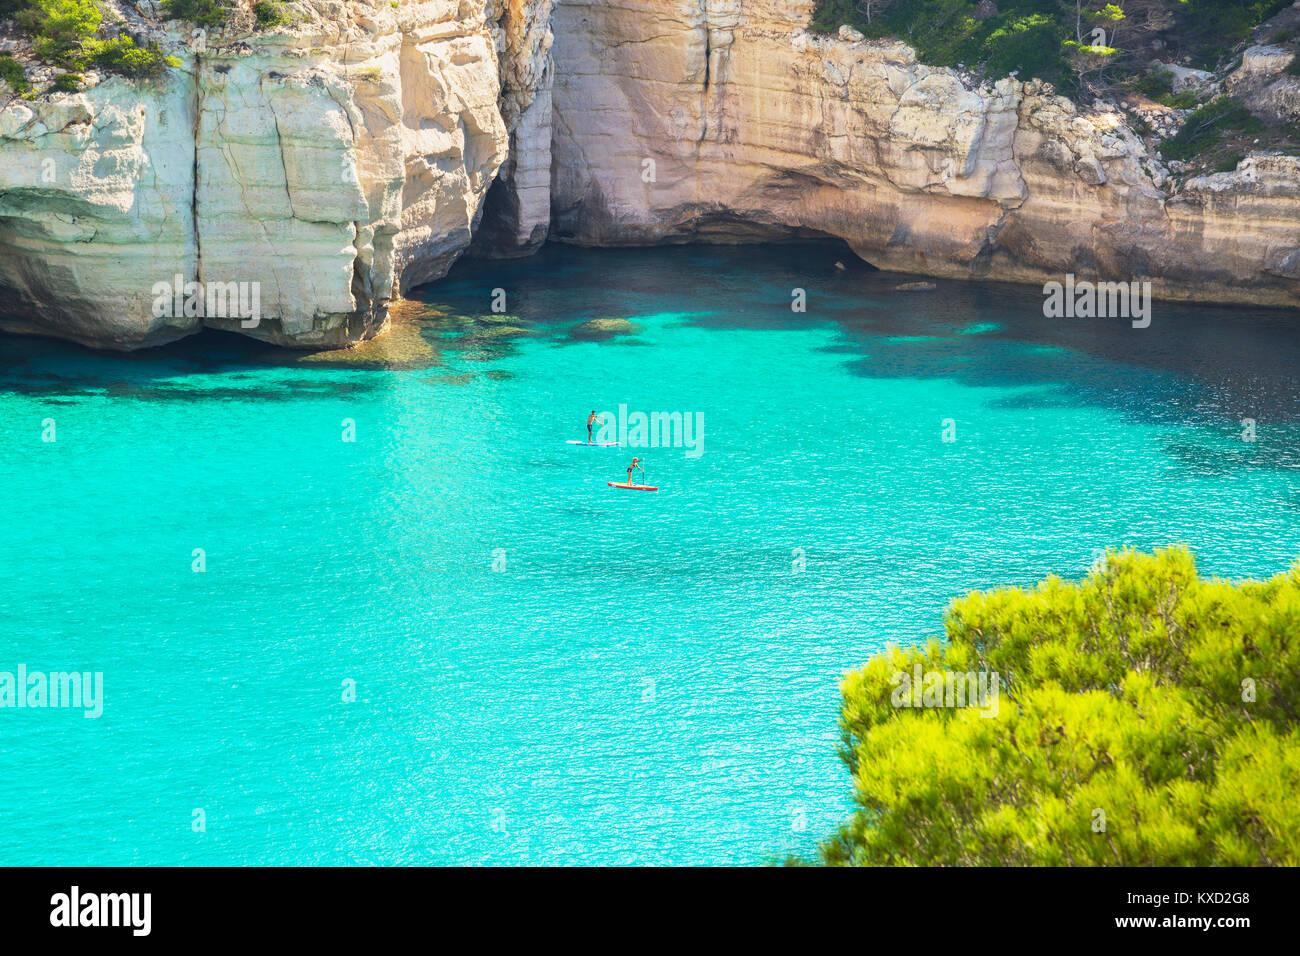 Les gens paddleboarding sur les eaux émeraude de Cala Mitjana, Minorque, Iles Baléares, Espagne Photo Stock